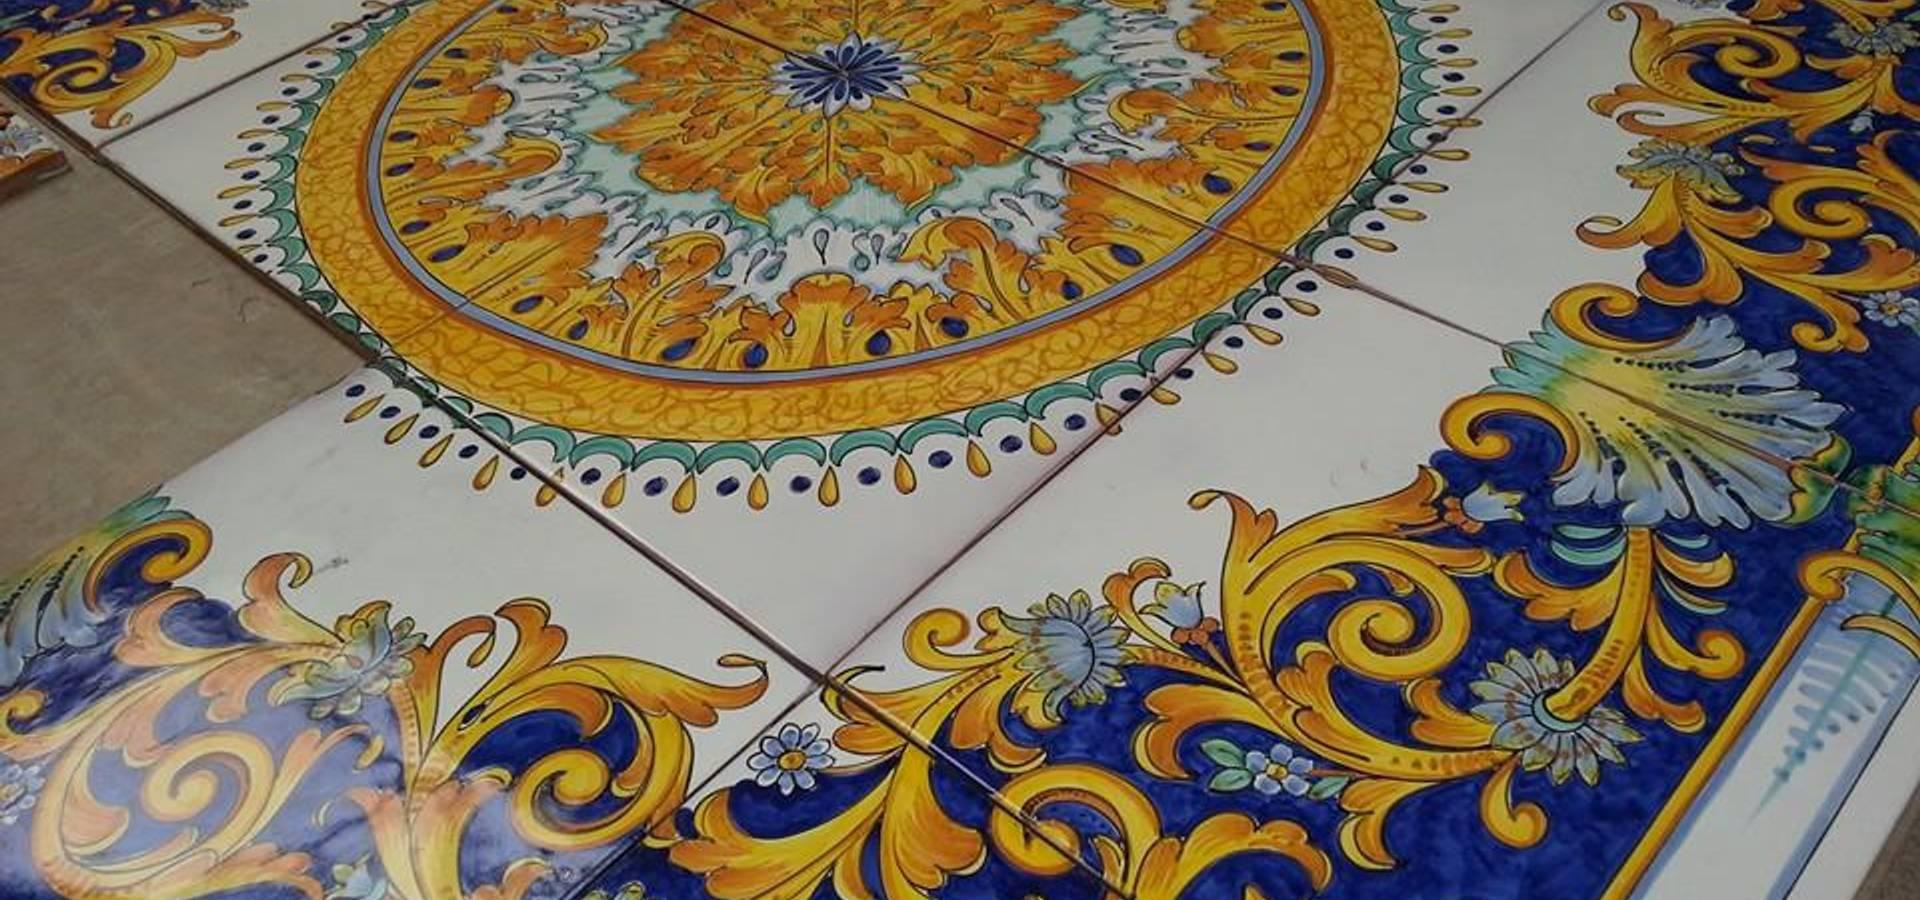 CE AR CERAMICHE: Artisti & Artigiani a Molina di Vietri